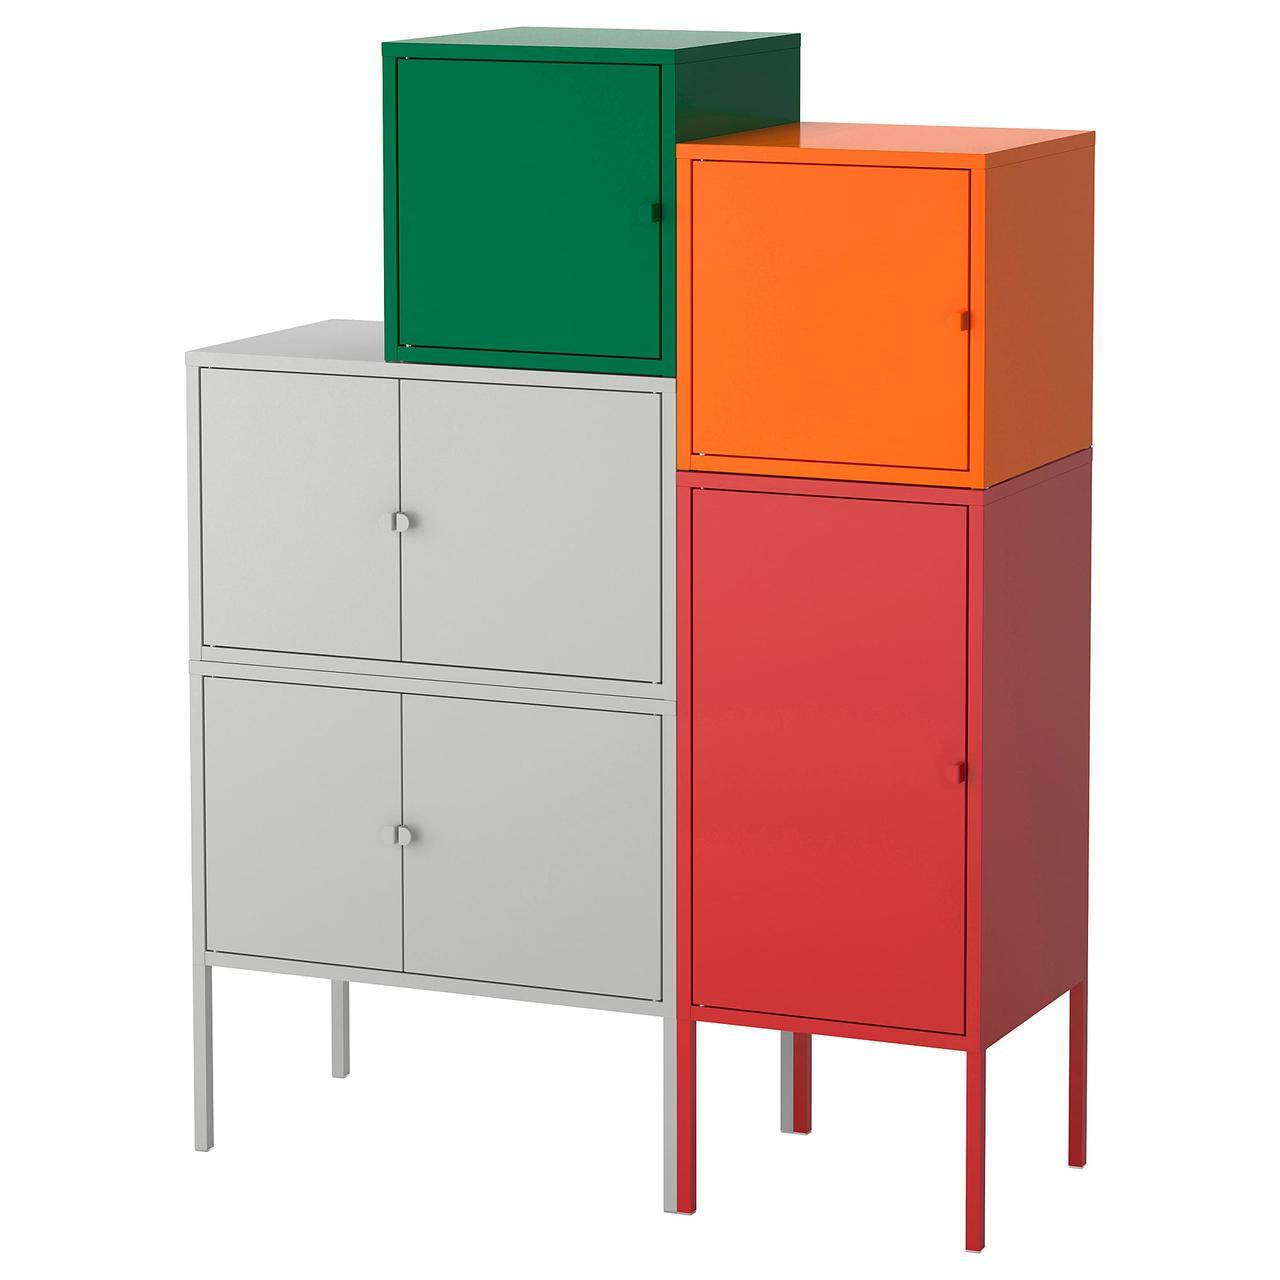 ЛИКСГУЛЬТ Комбинация д/хранения, серый темно-зеленый, красный/оранжевый